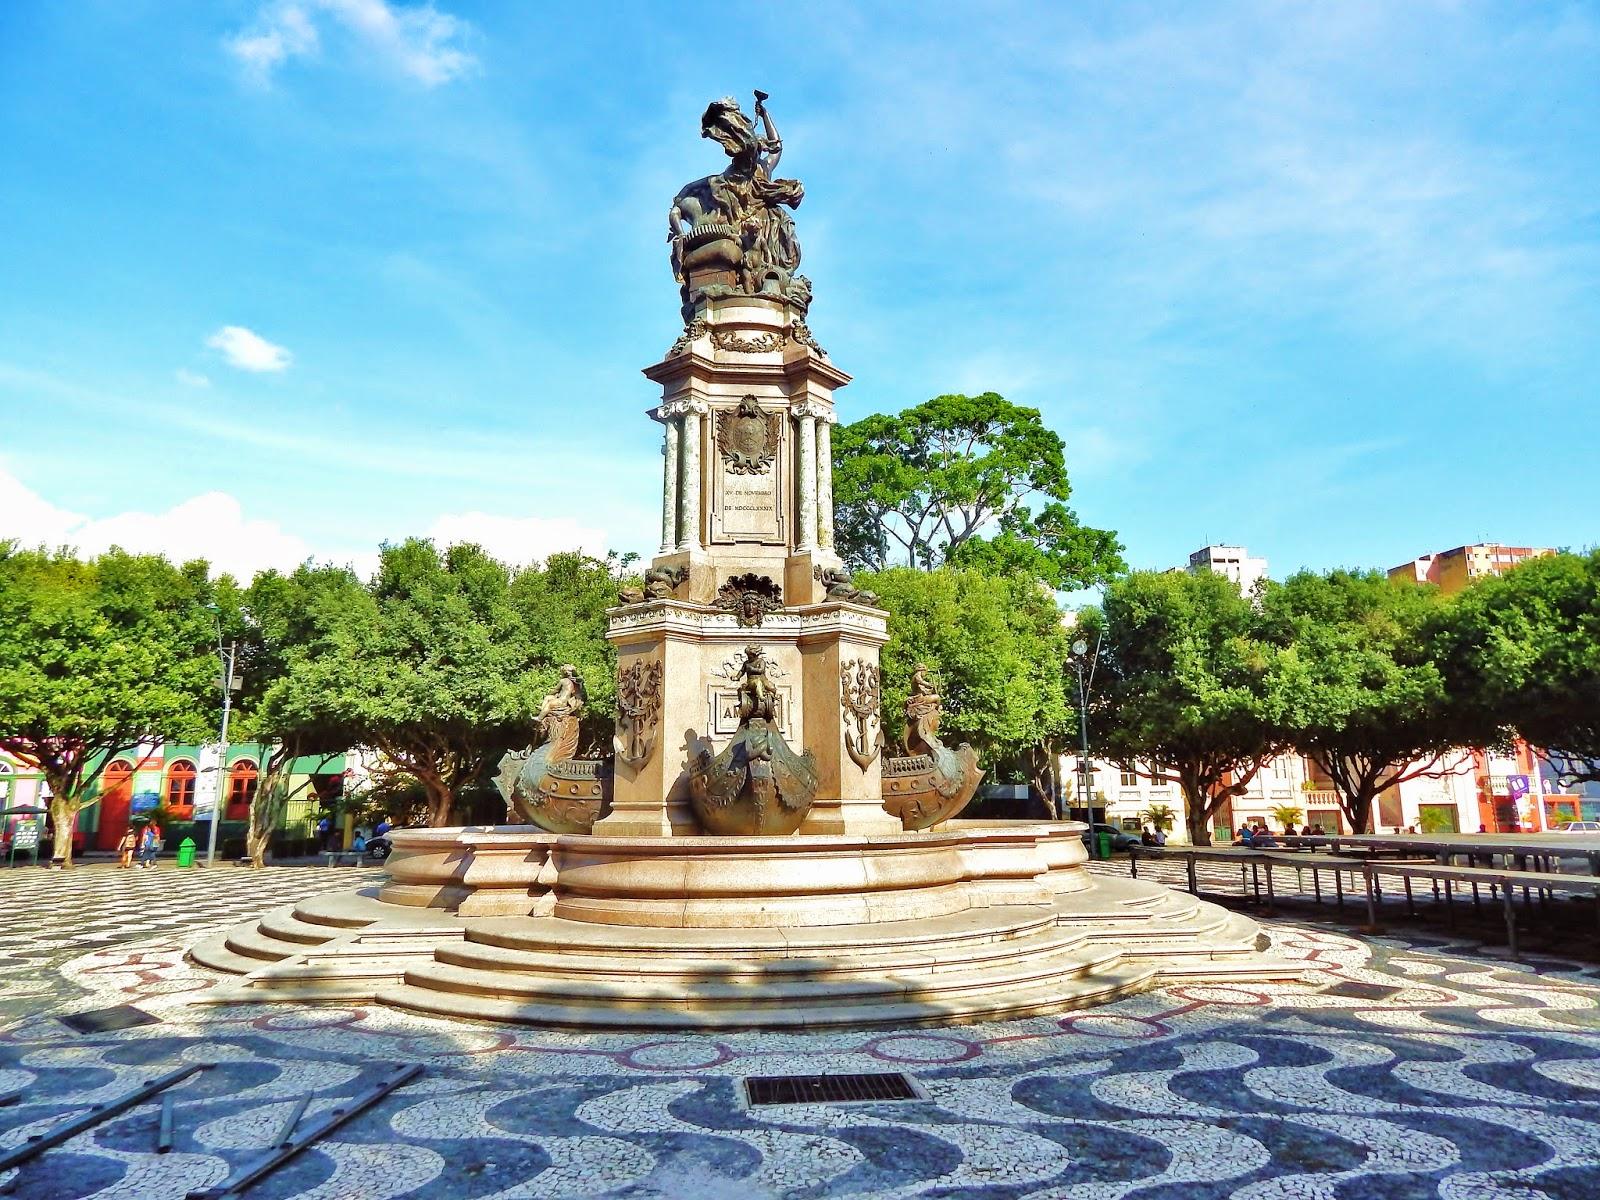 http://semdivisas.blogspot.com.br/